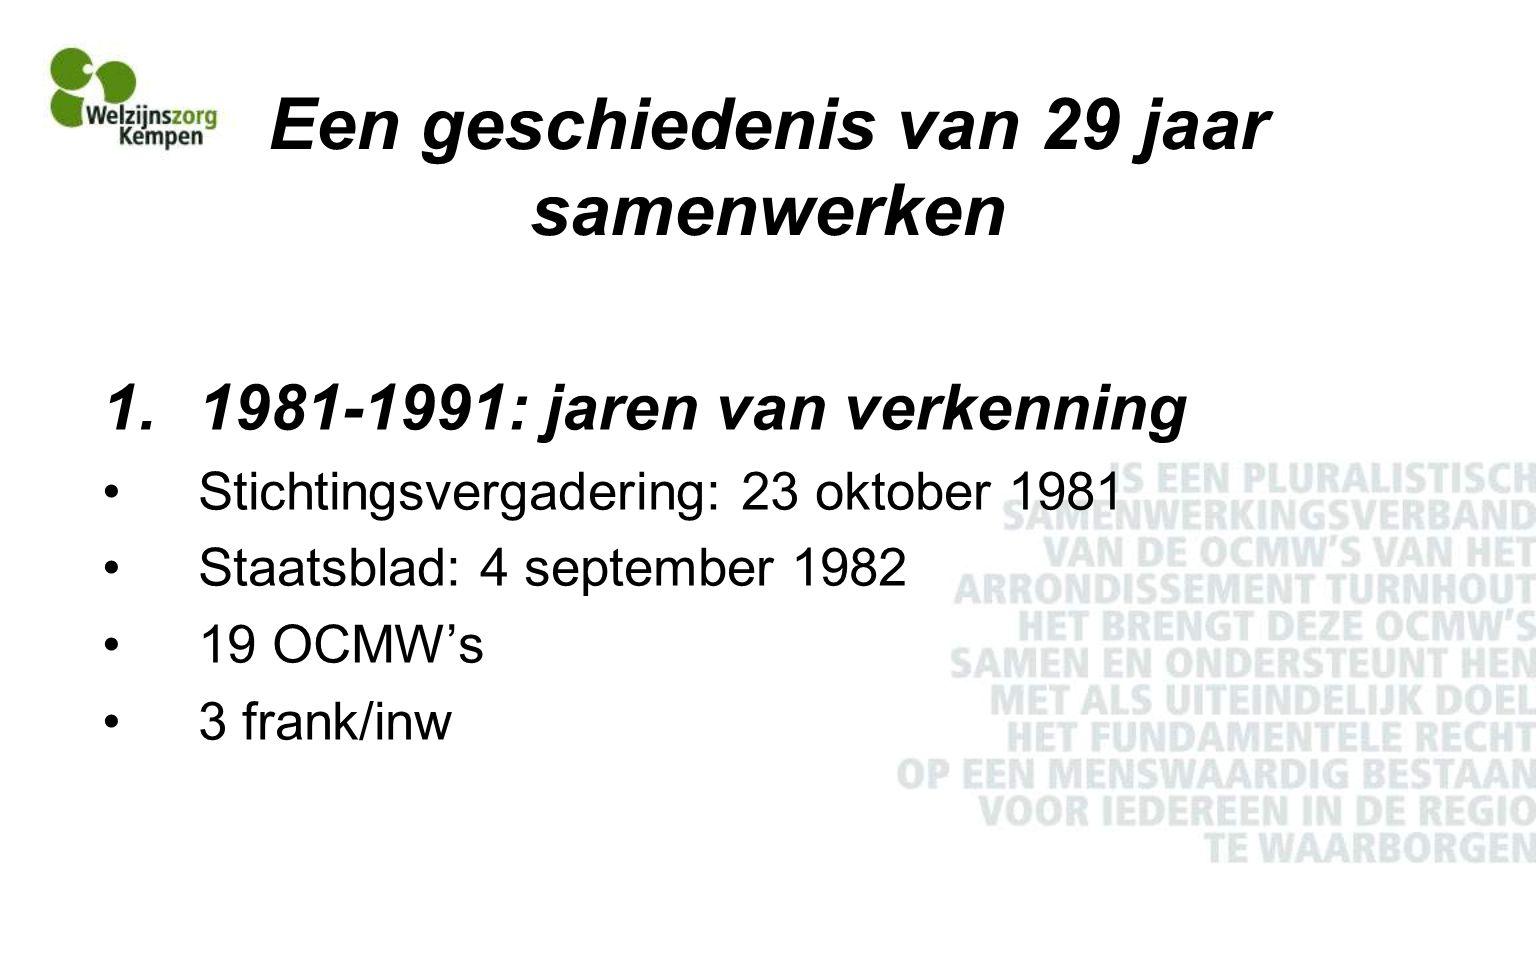 Een geschiedenis van 29 jaar samenwerken De vereniging mag initiatieven nemen die een regionale aanpak en samenwerking vereisen en de mogelijkheid van de afzonderlijke OCMW's te boven gaan (statuten, art.3) Thema's: Opvang van demente bejaarden Crisisopvang Politieke vluchtelingen 1987: participatie in vzw CGG (ipv IOK)